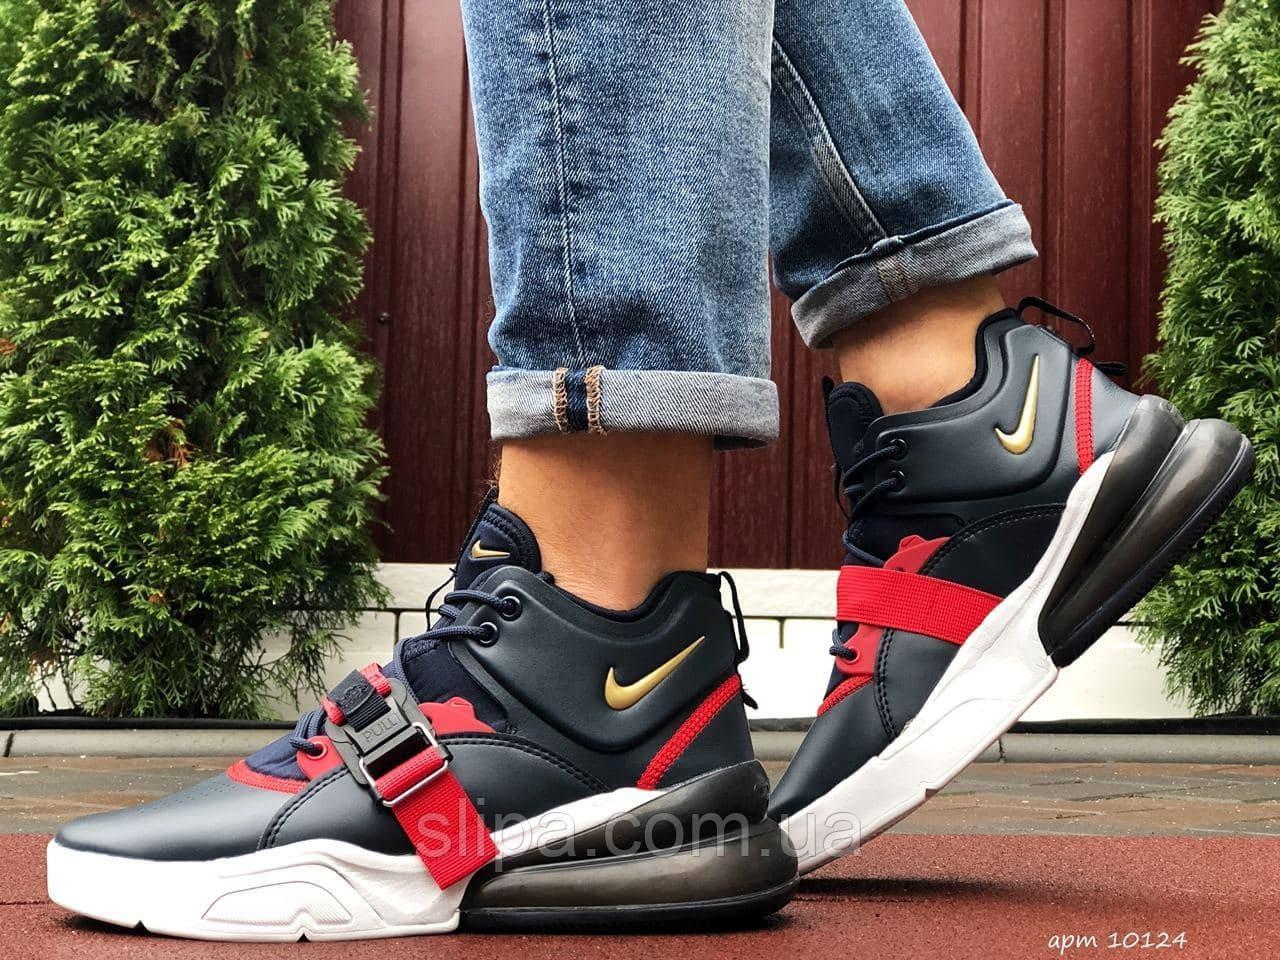 Чоловічі шкіряні кросівки Nike Air Force 270 темно сині з червоним